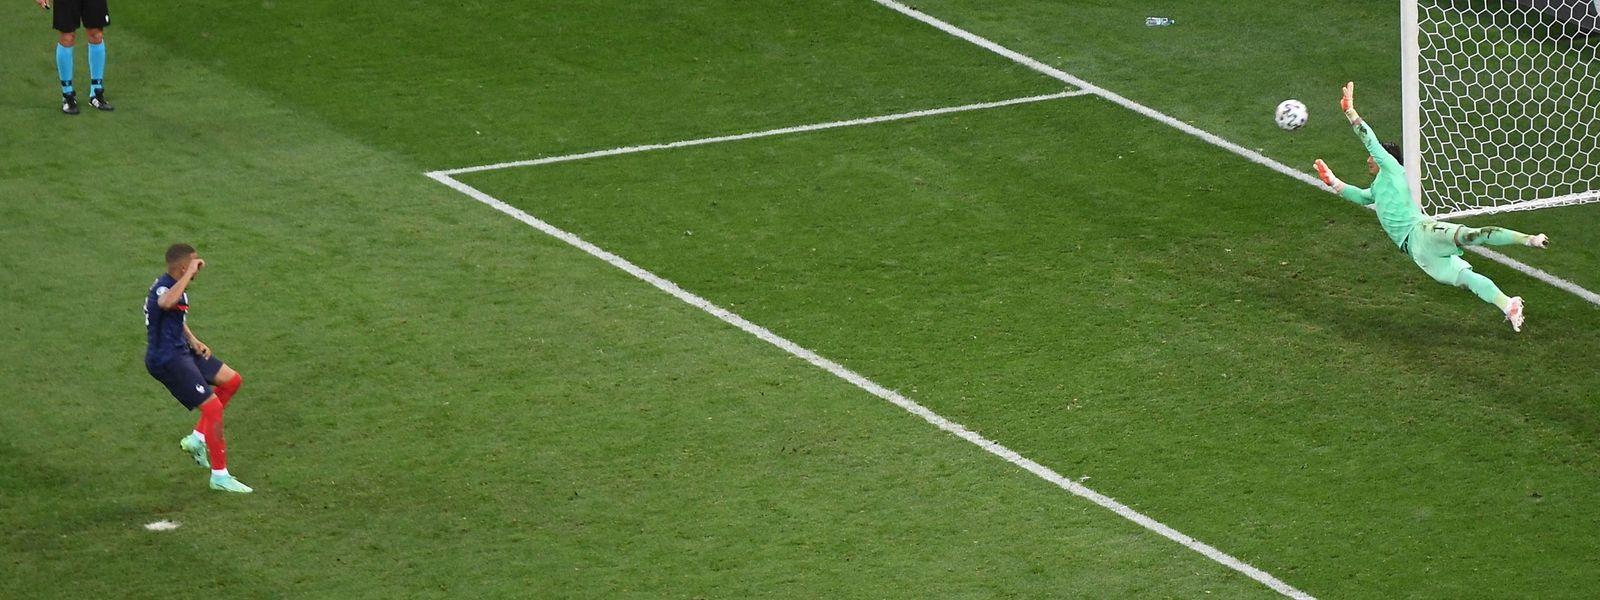 Torwart Yann Sommer hält den entscheidenden Elfmeter von Kylian Mbappé.